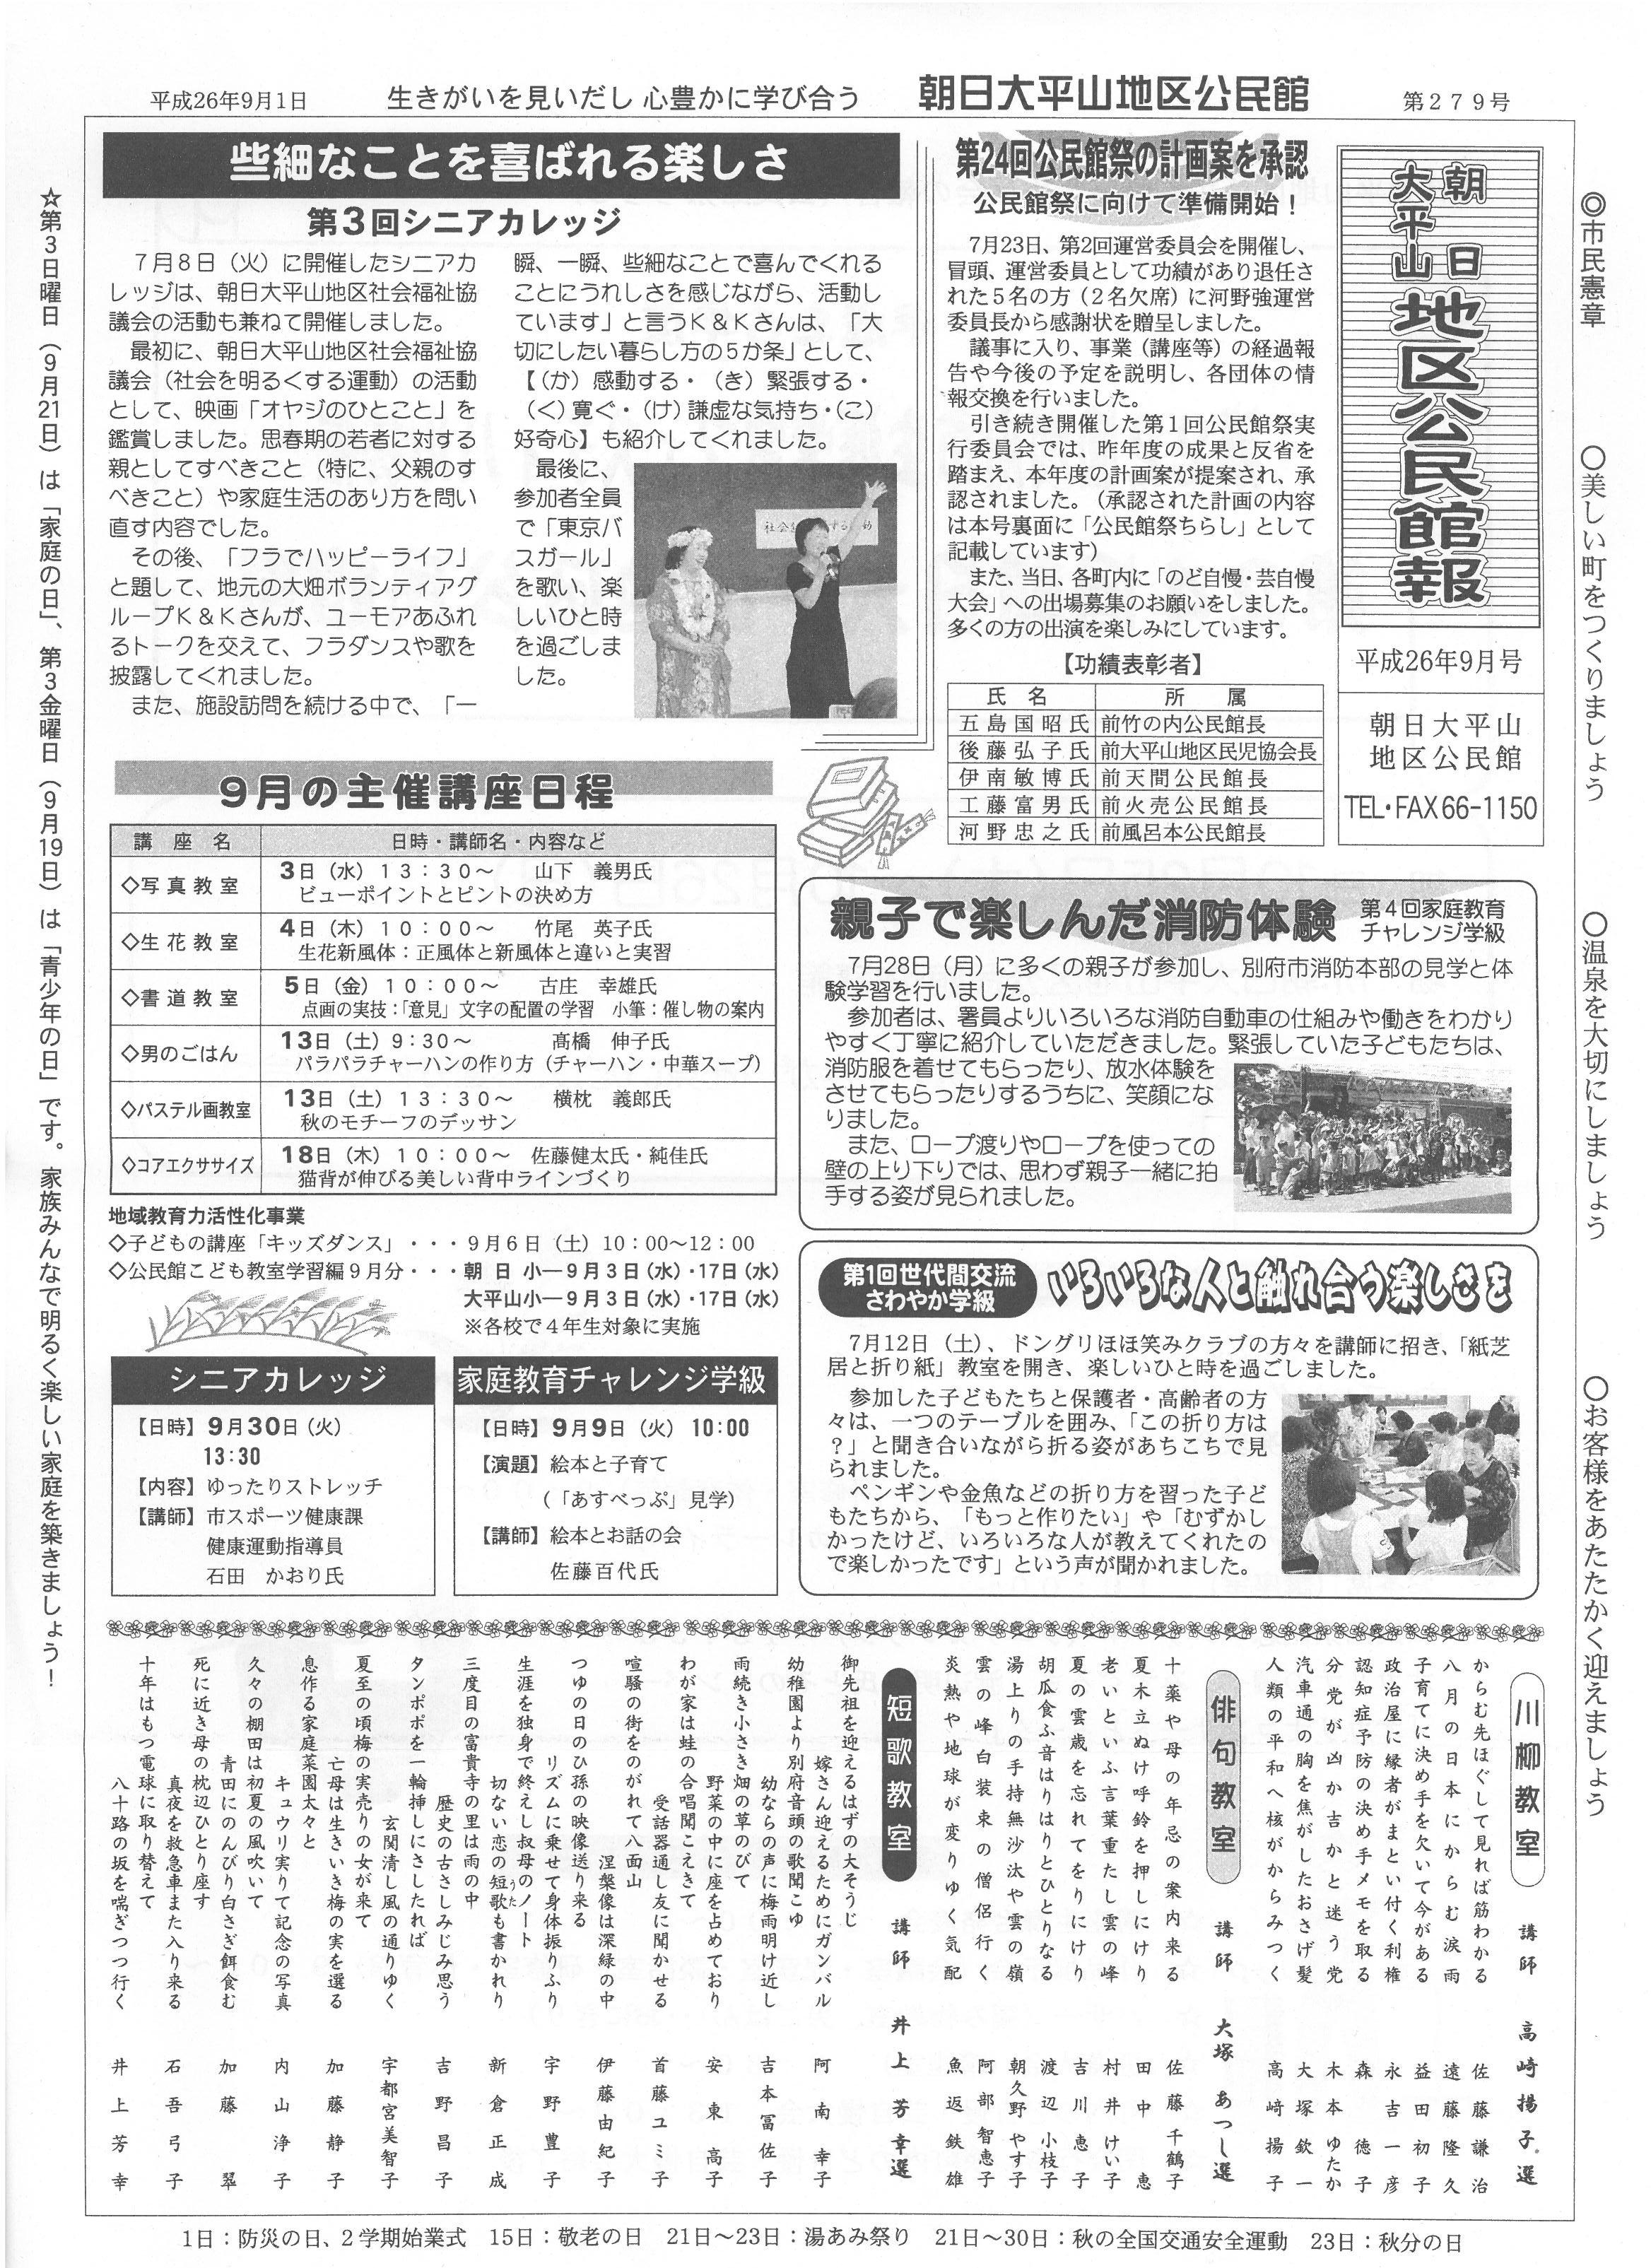 asahiohirayama2014_09